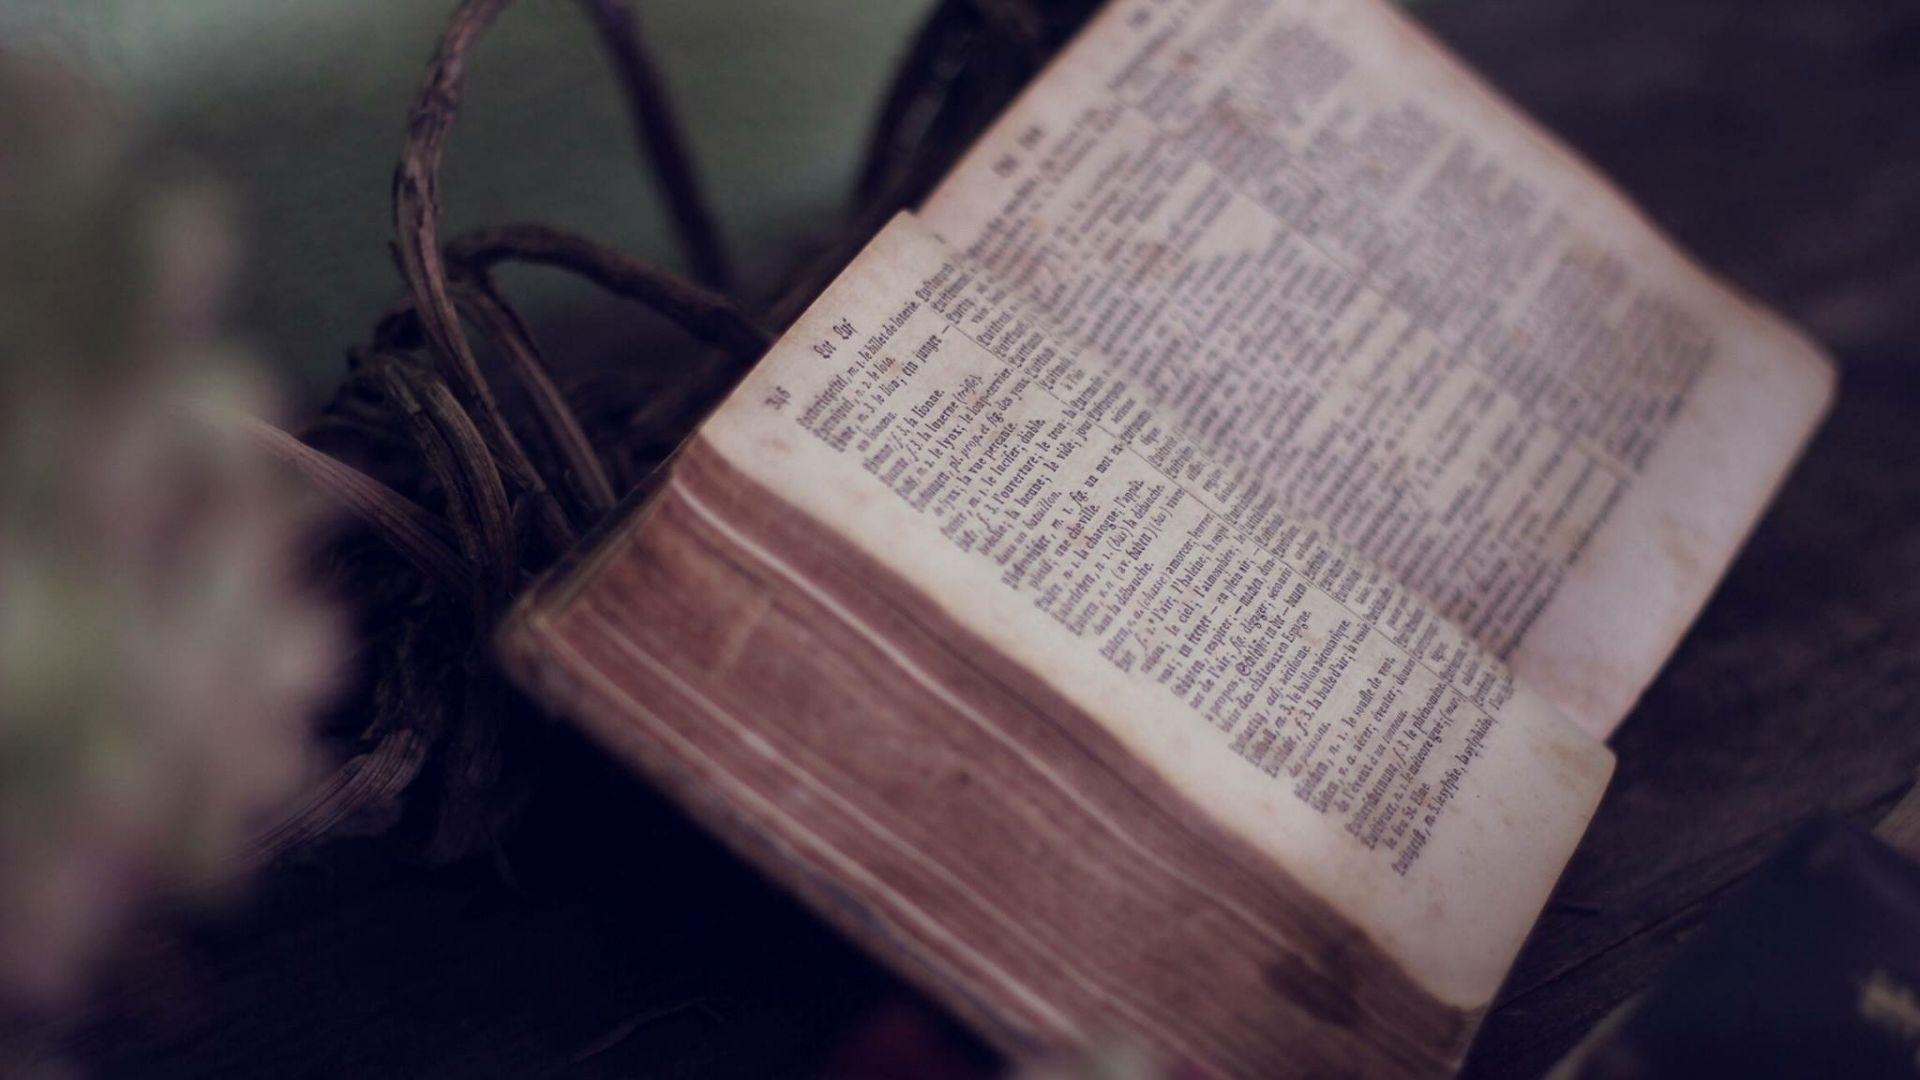 210107-webb-bibelst-vår fader bibel gud gammal